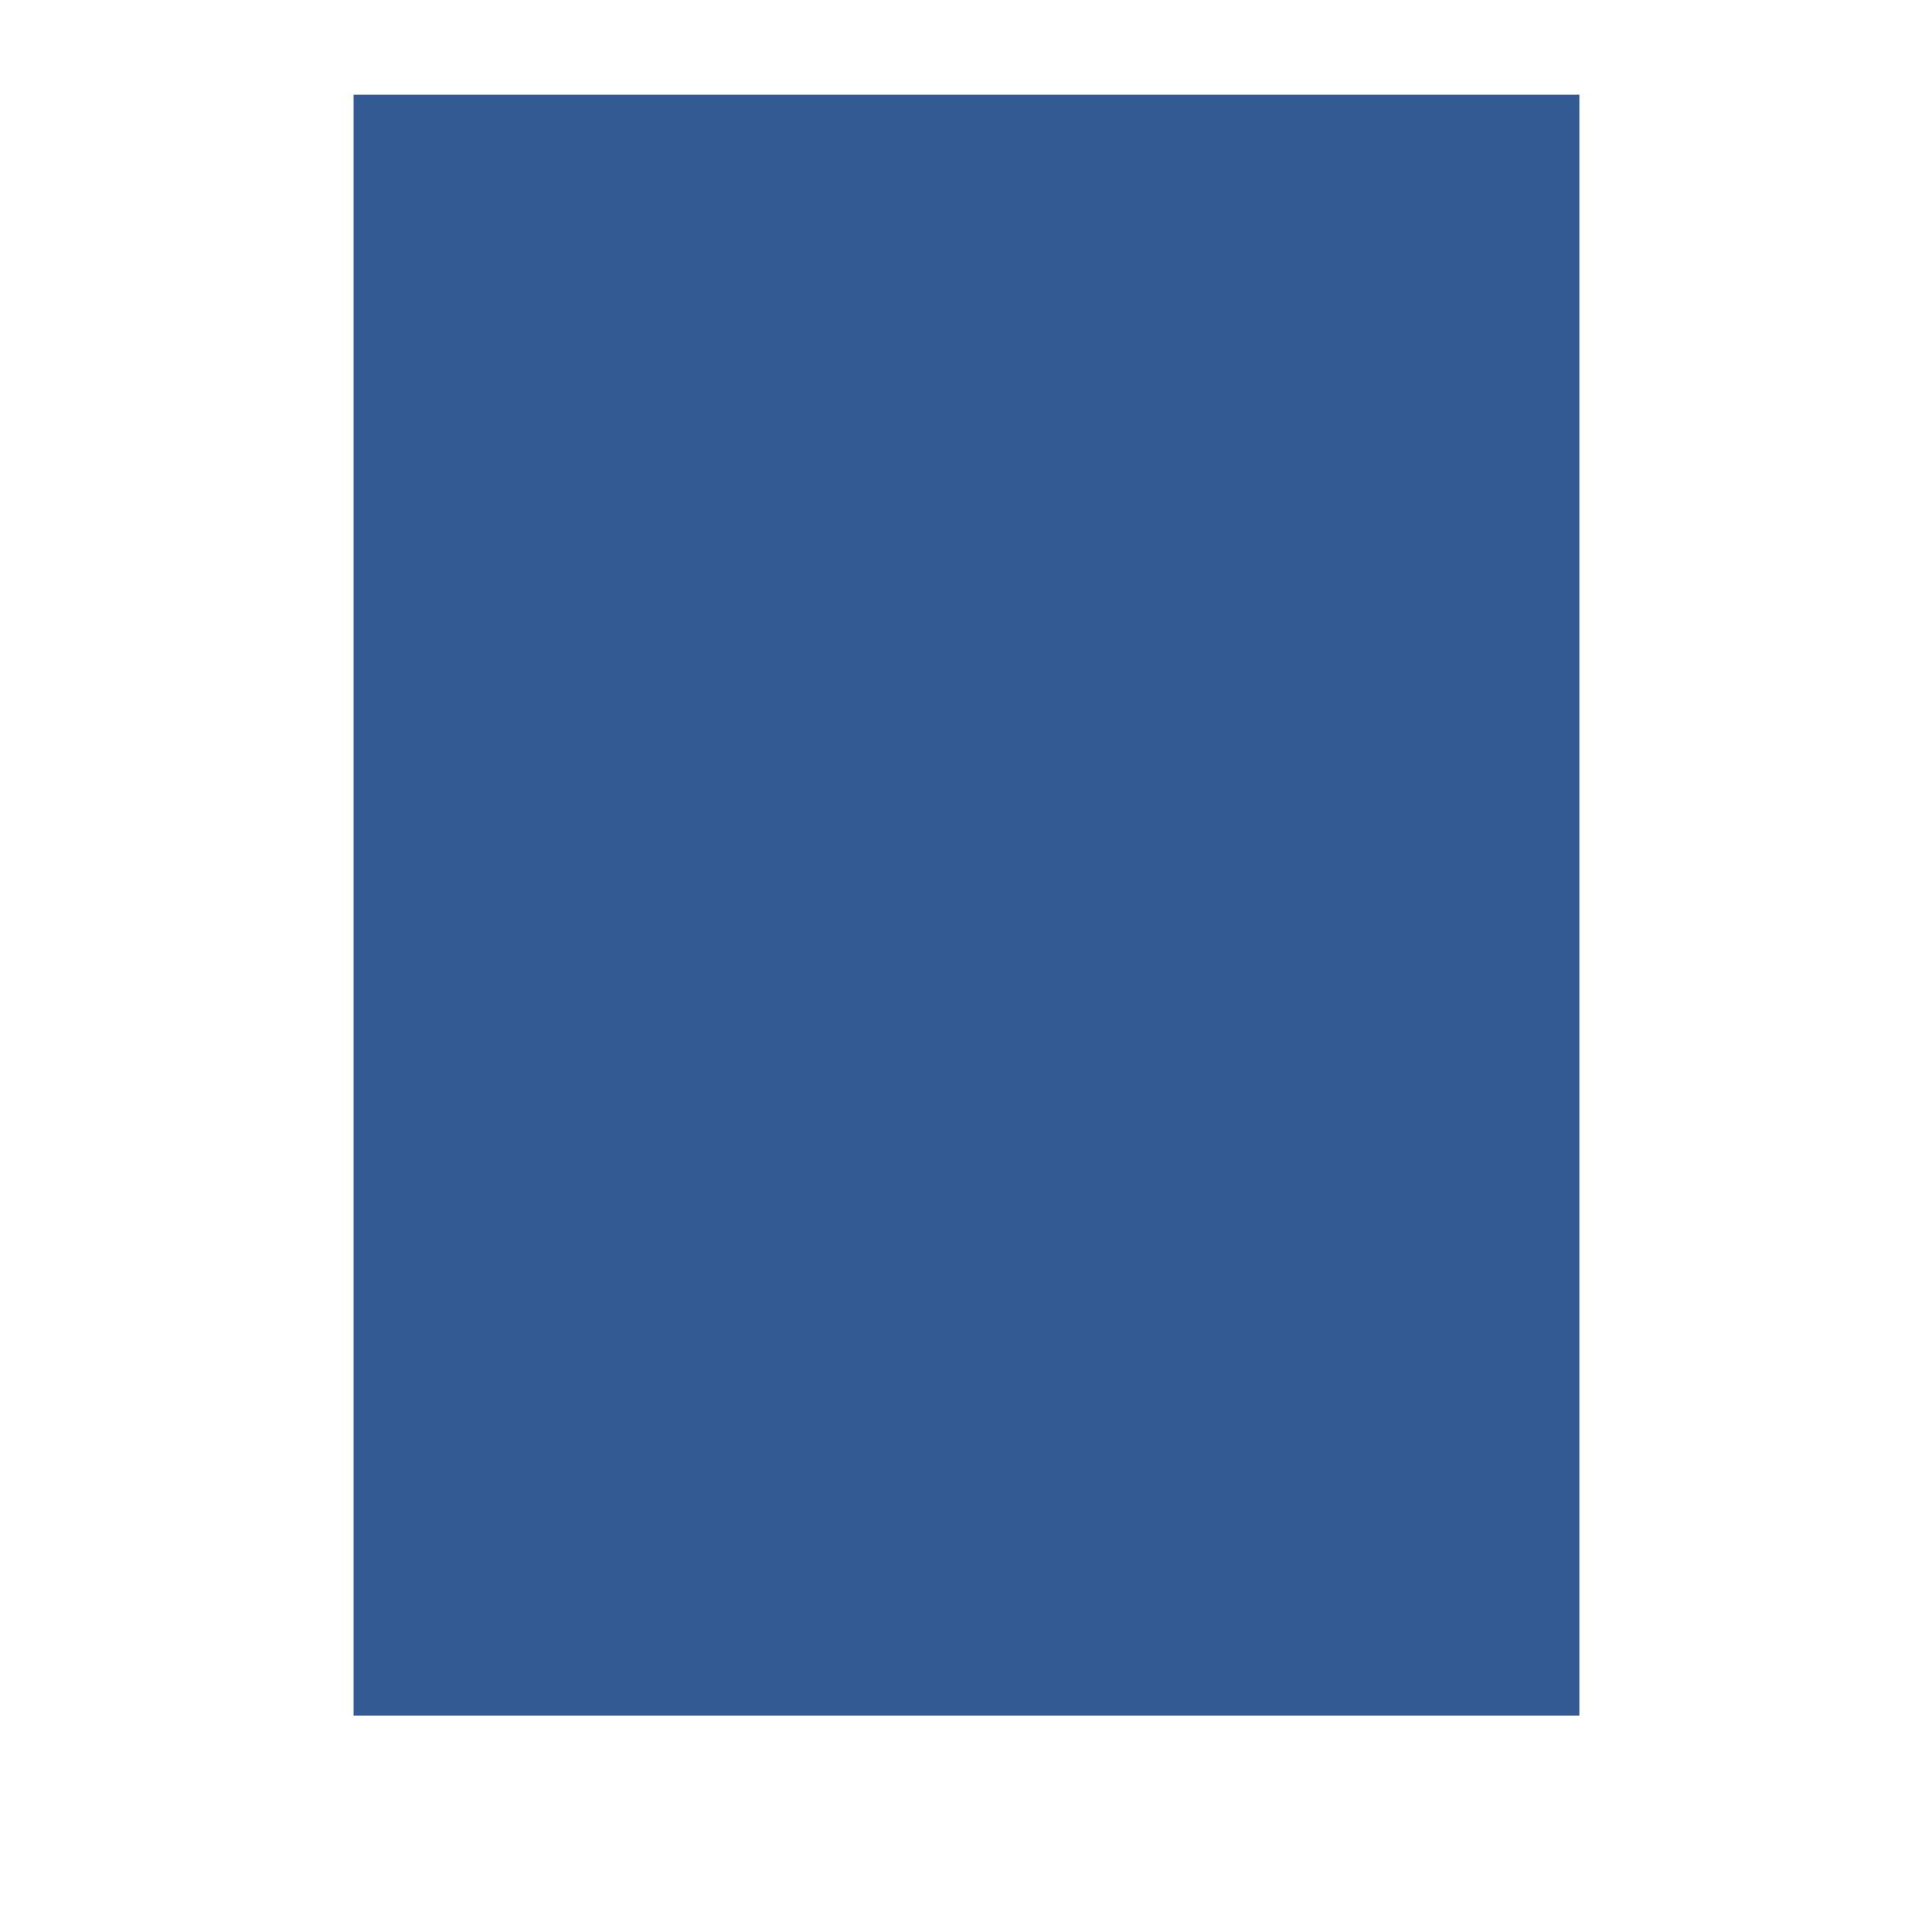 7_way_icon